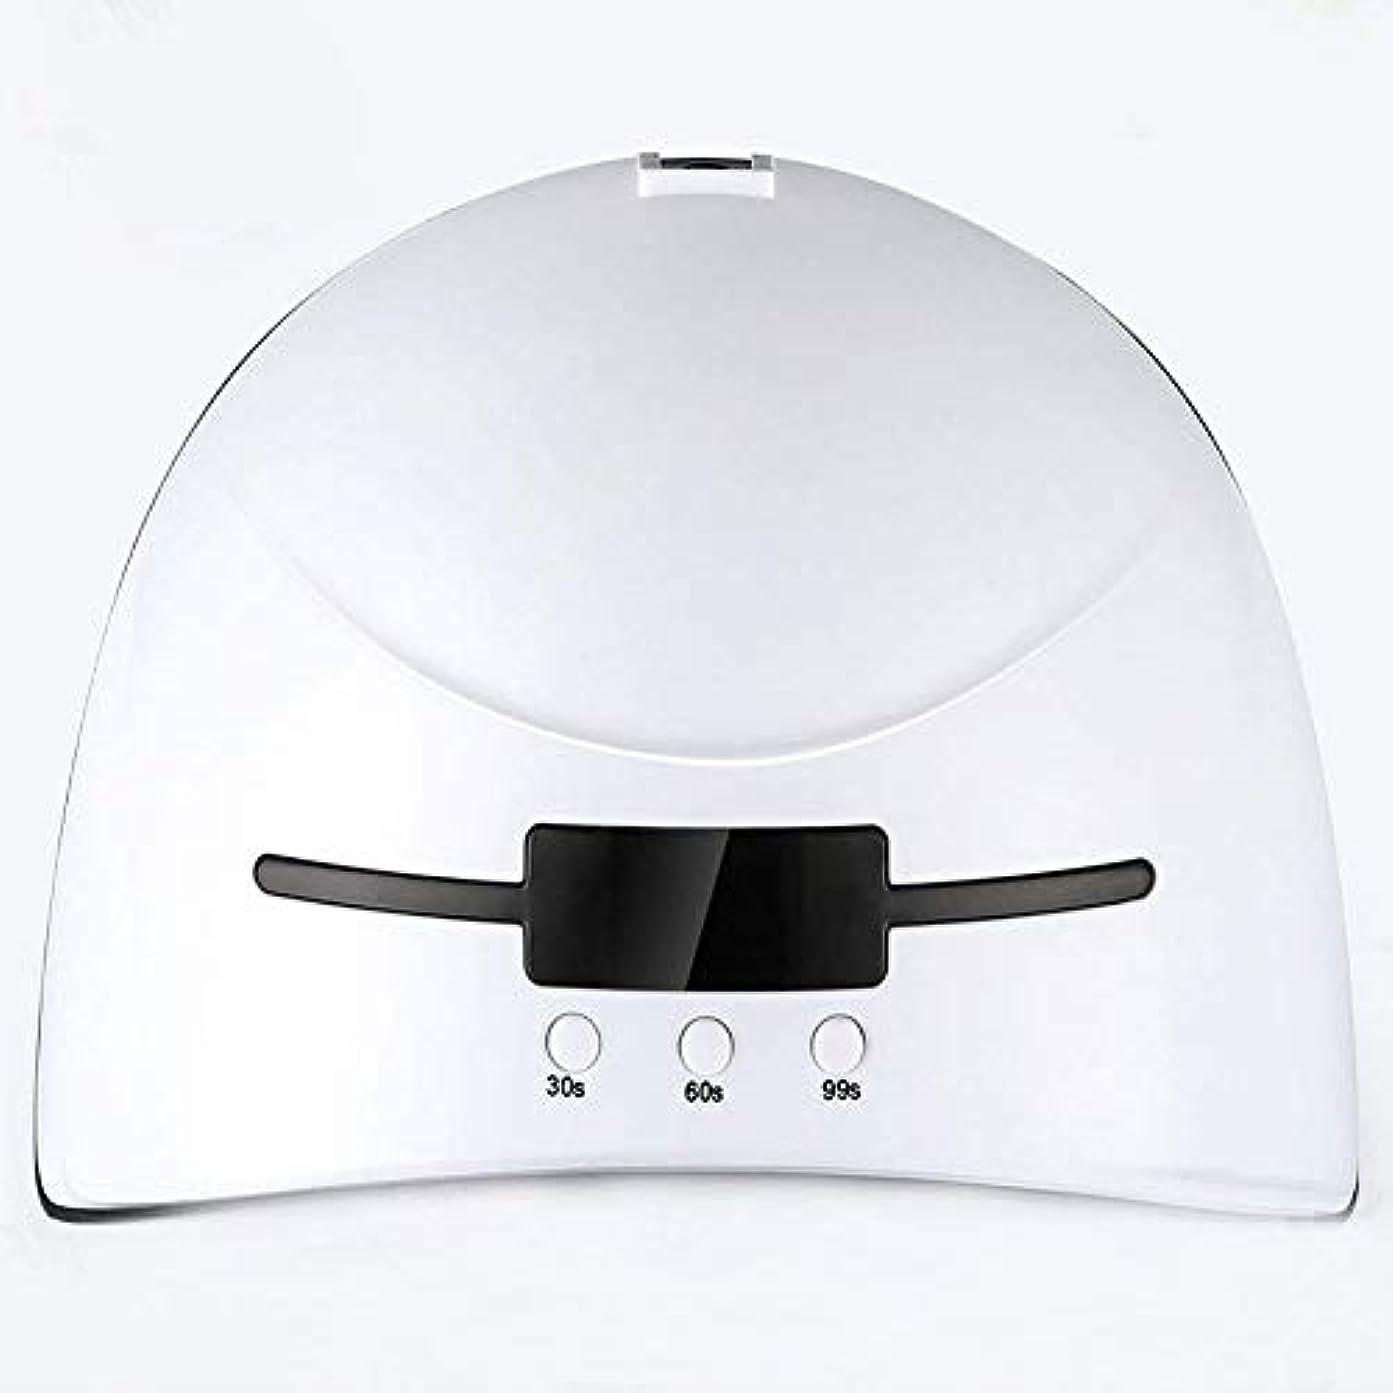 リス面積呼吸する36Wスマートベルト誘導ネイルオイルのり乾燥機LED + UVネイル光線療法ランプネイルマシンクイックドライ